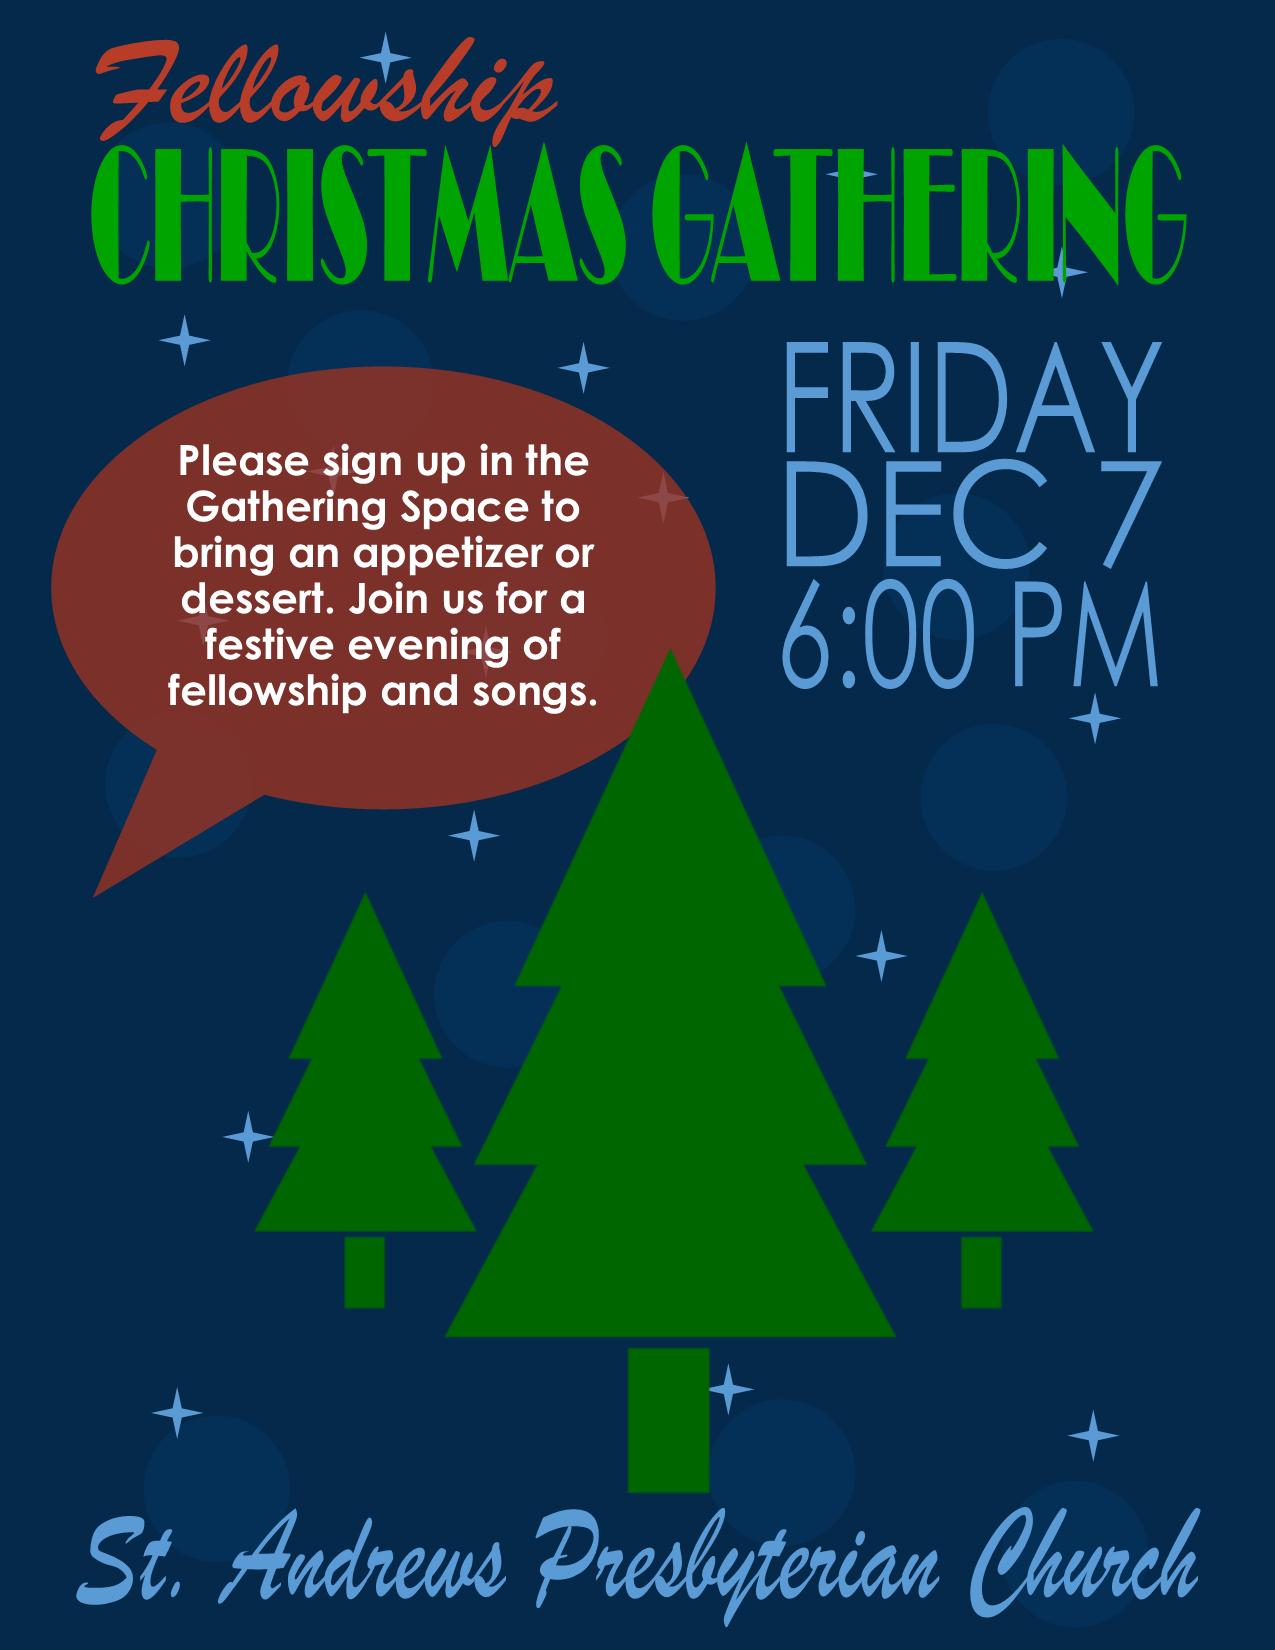 2018 Fellowship Christmas Gathering Flyer